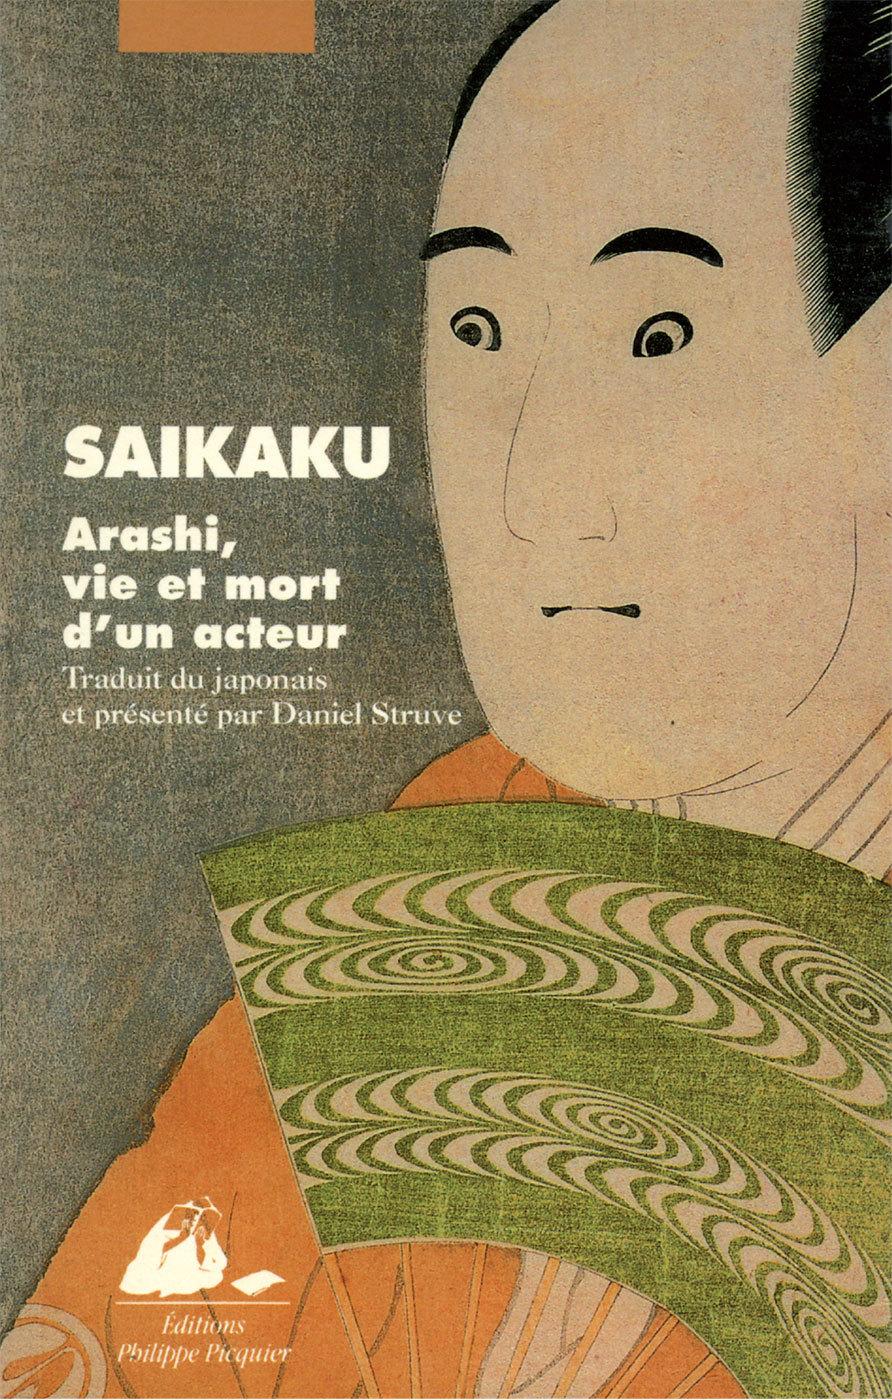 Arashi, vie et mort d'un acteur | Ihara, Saikaku (1642-1693). Auteur